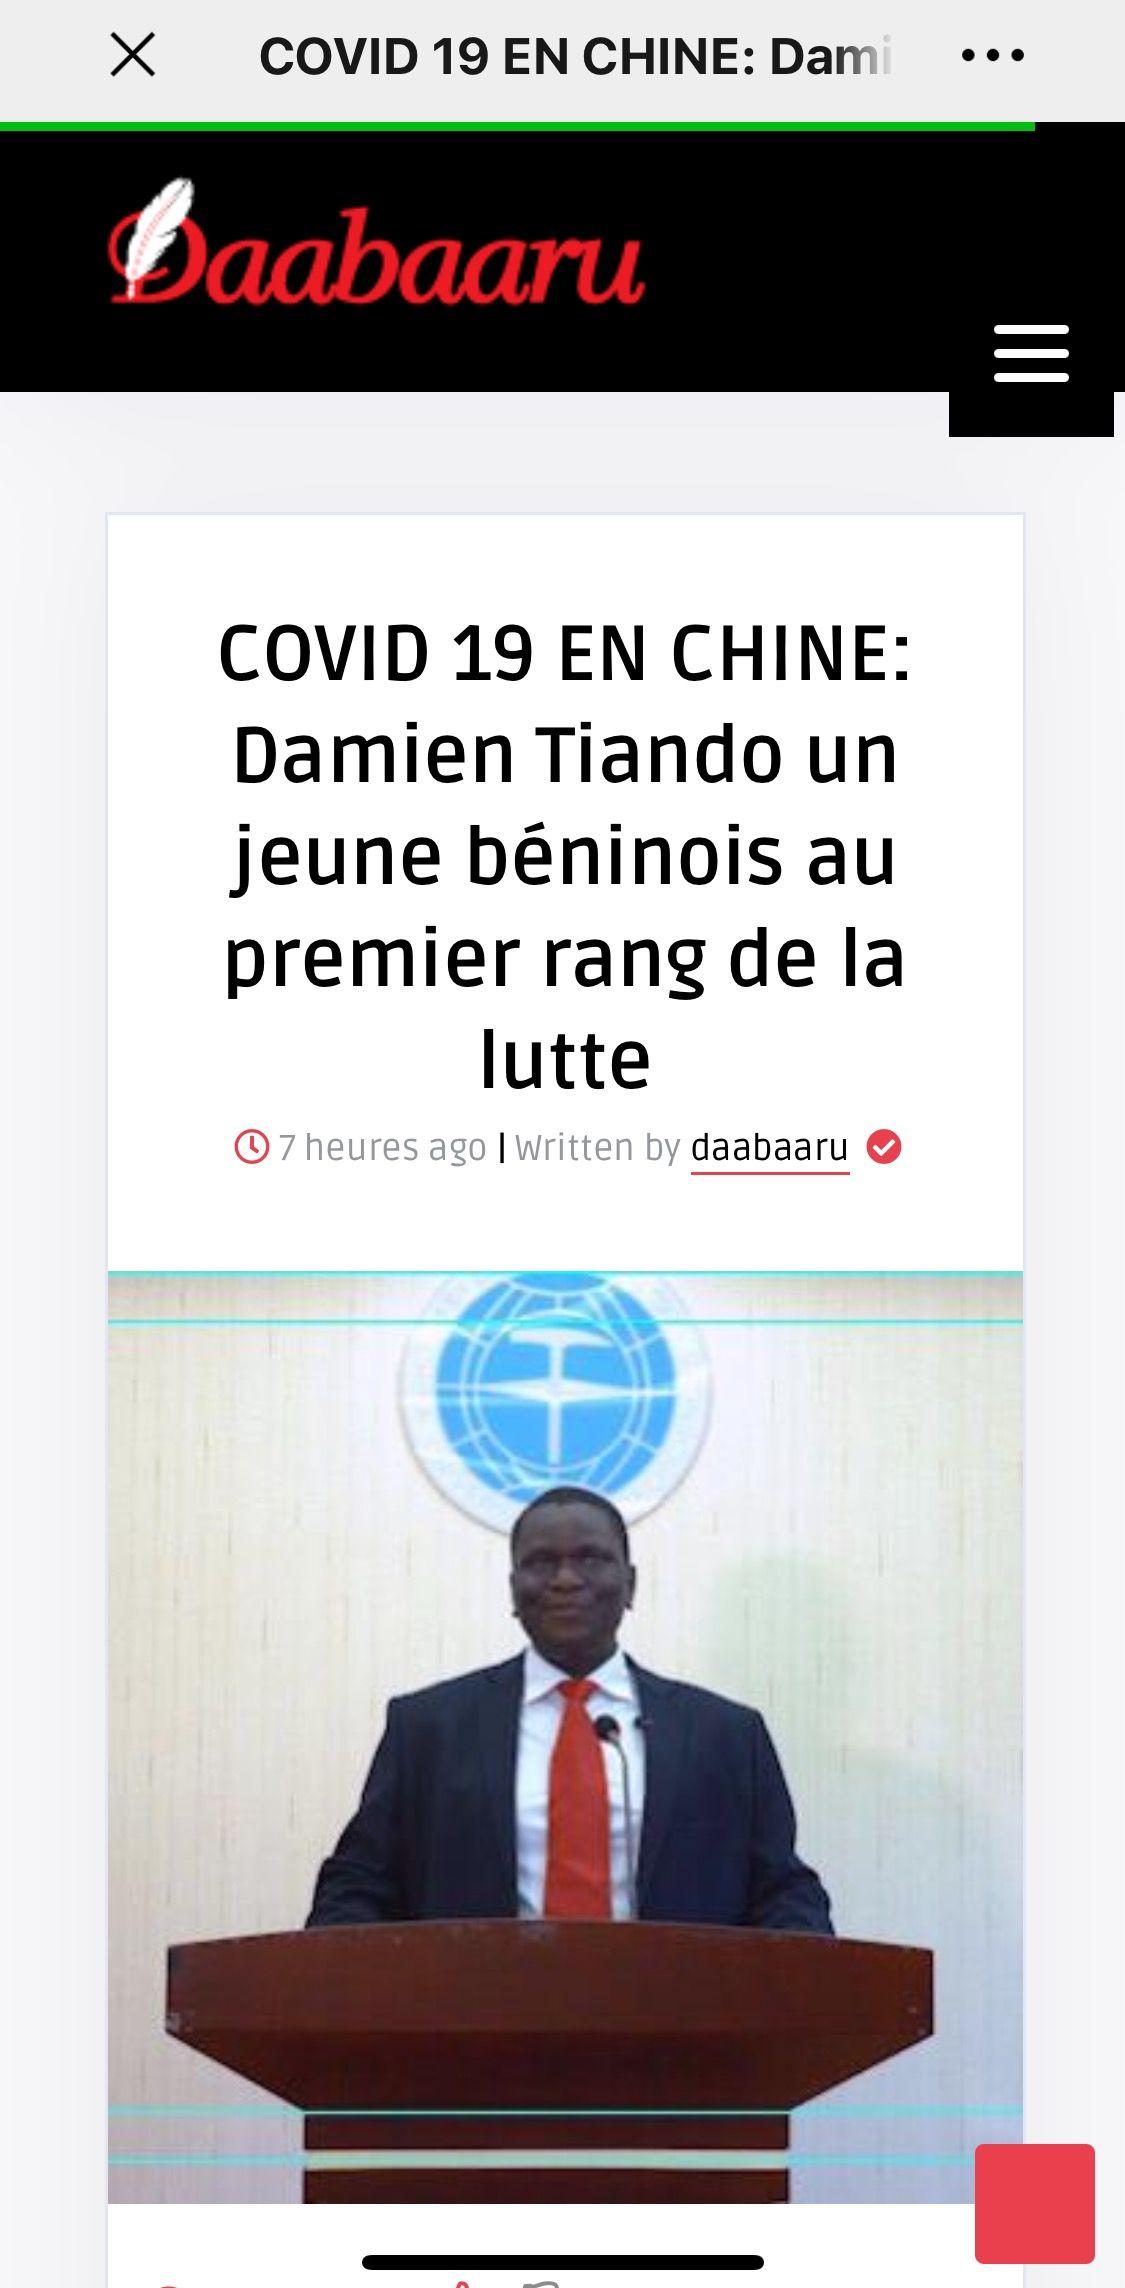 潘岳任国务院侨办主任 雷海潮任国家卫健委副主任